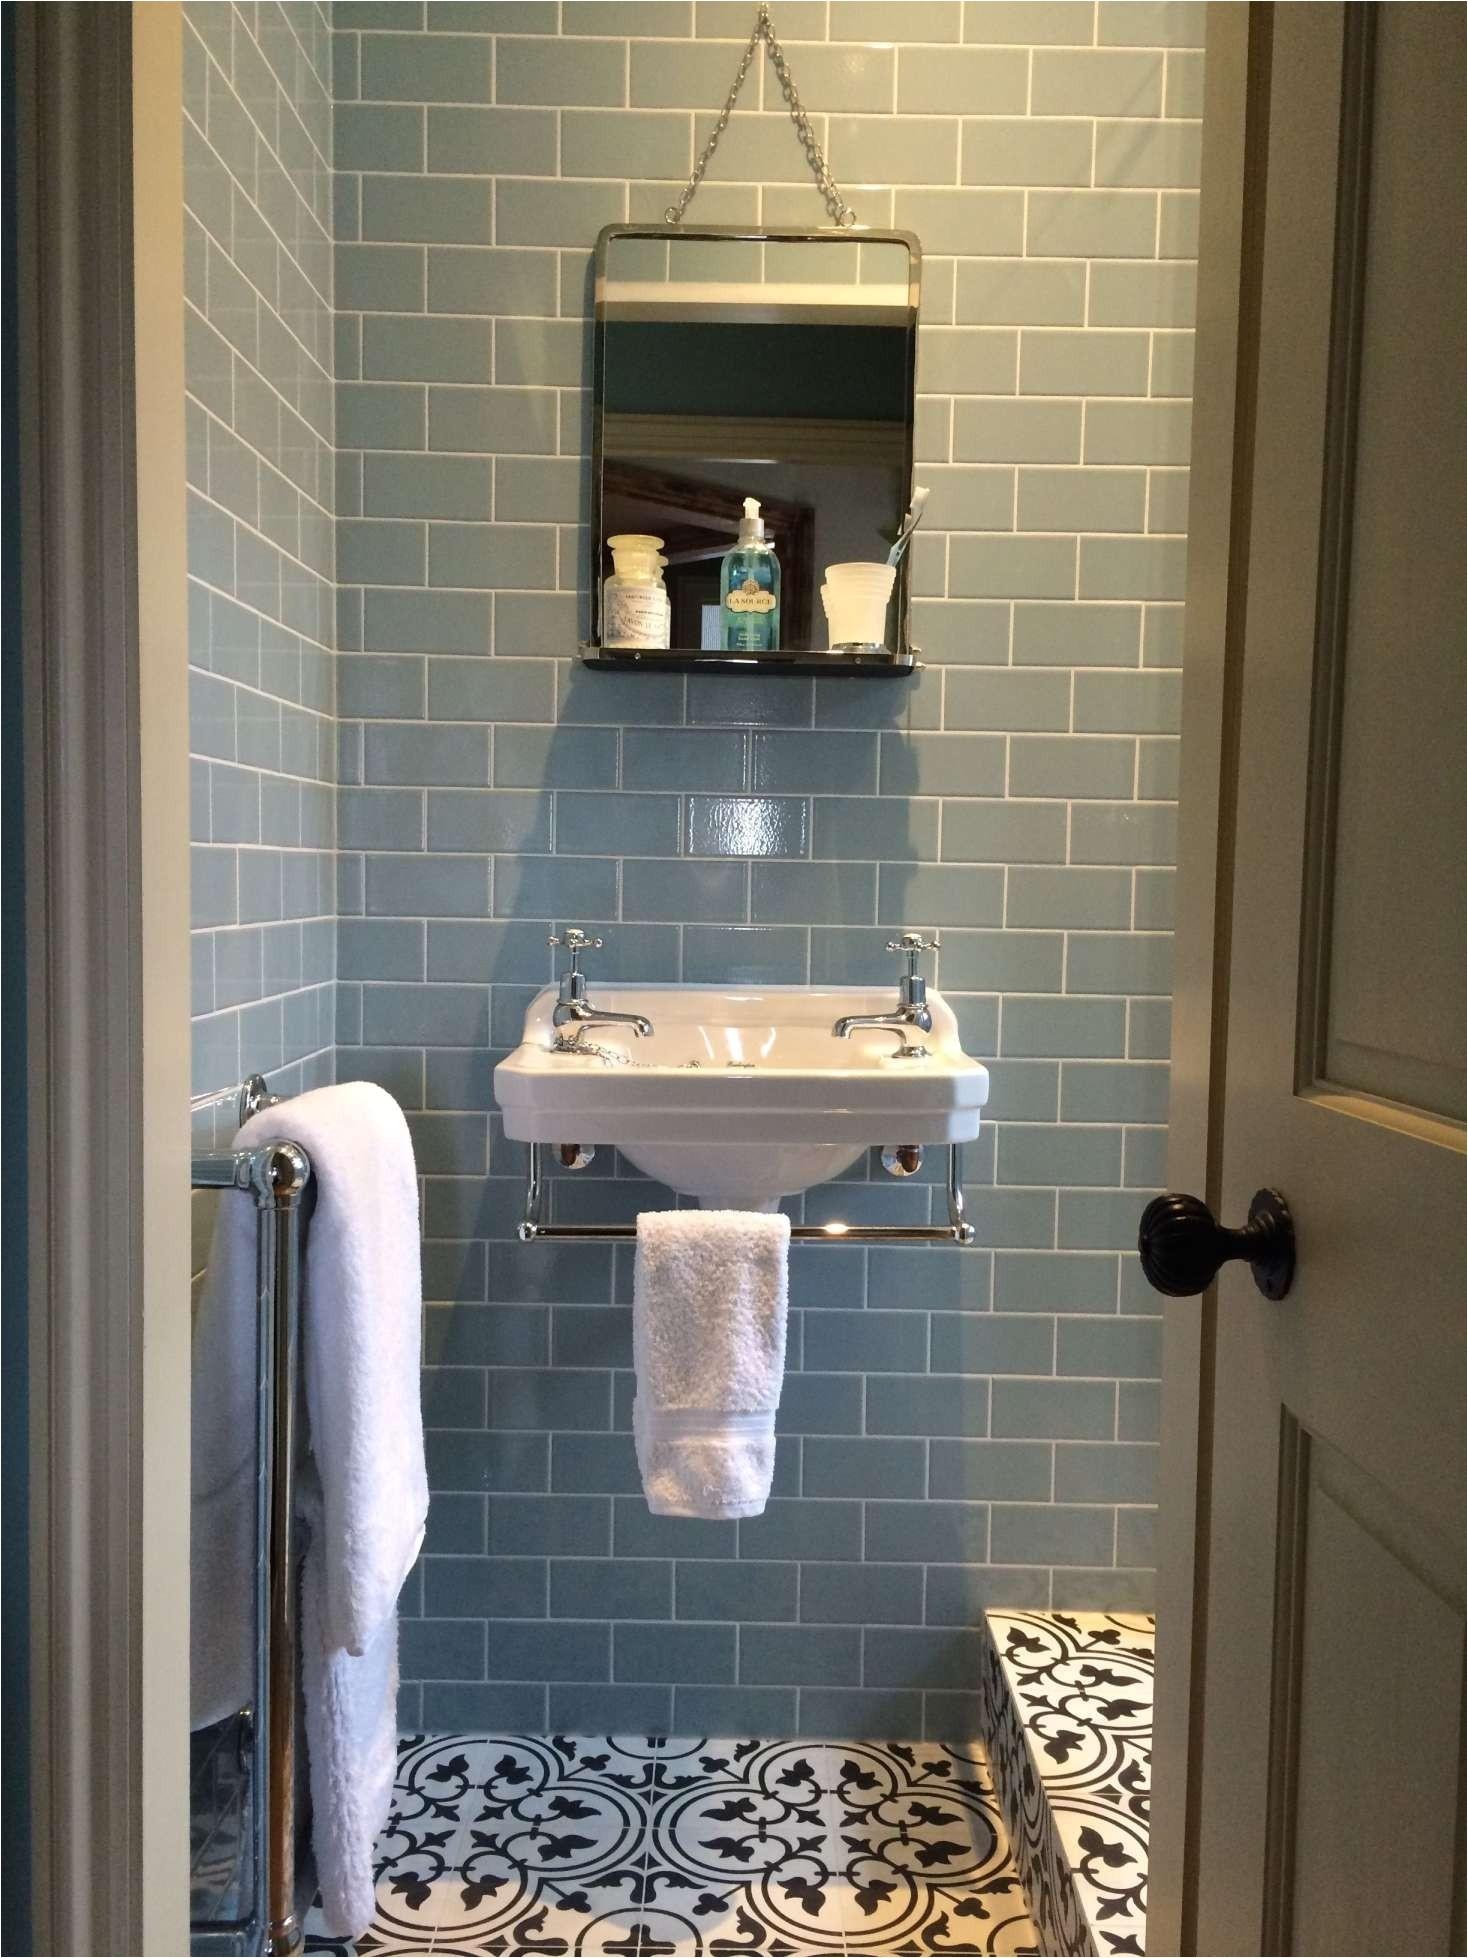 Ideas for Bathroom Floor Tile Design Designer Bathroom Tile Best Bathroom Floor Tile Design Ideas New